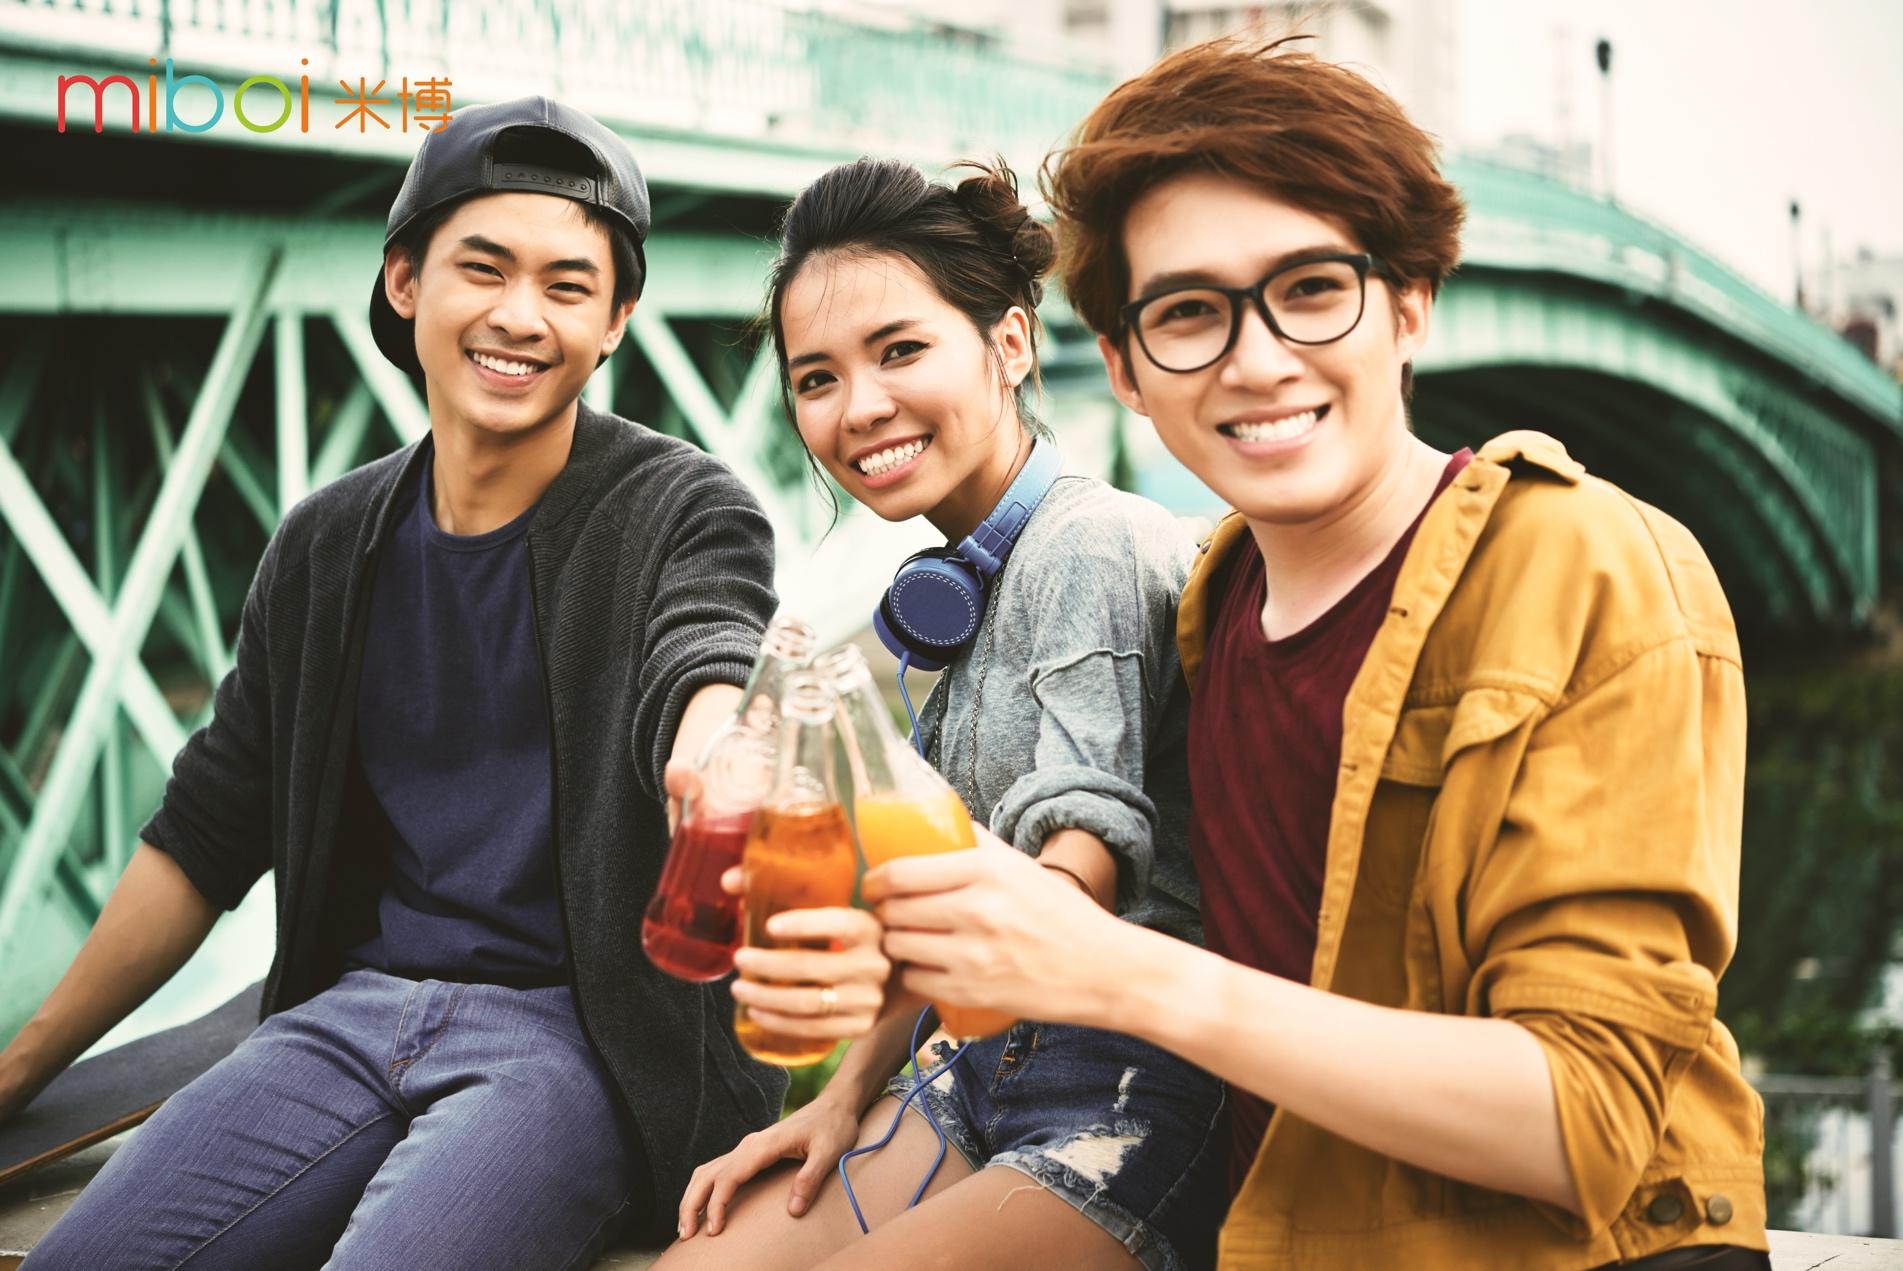 米博联合MQD户外开启美食派对,打通异业营销新模式